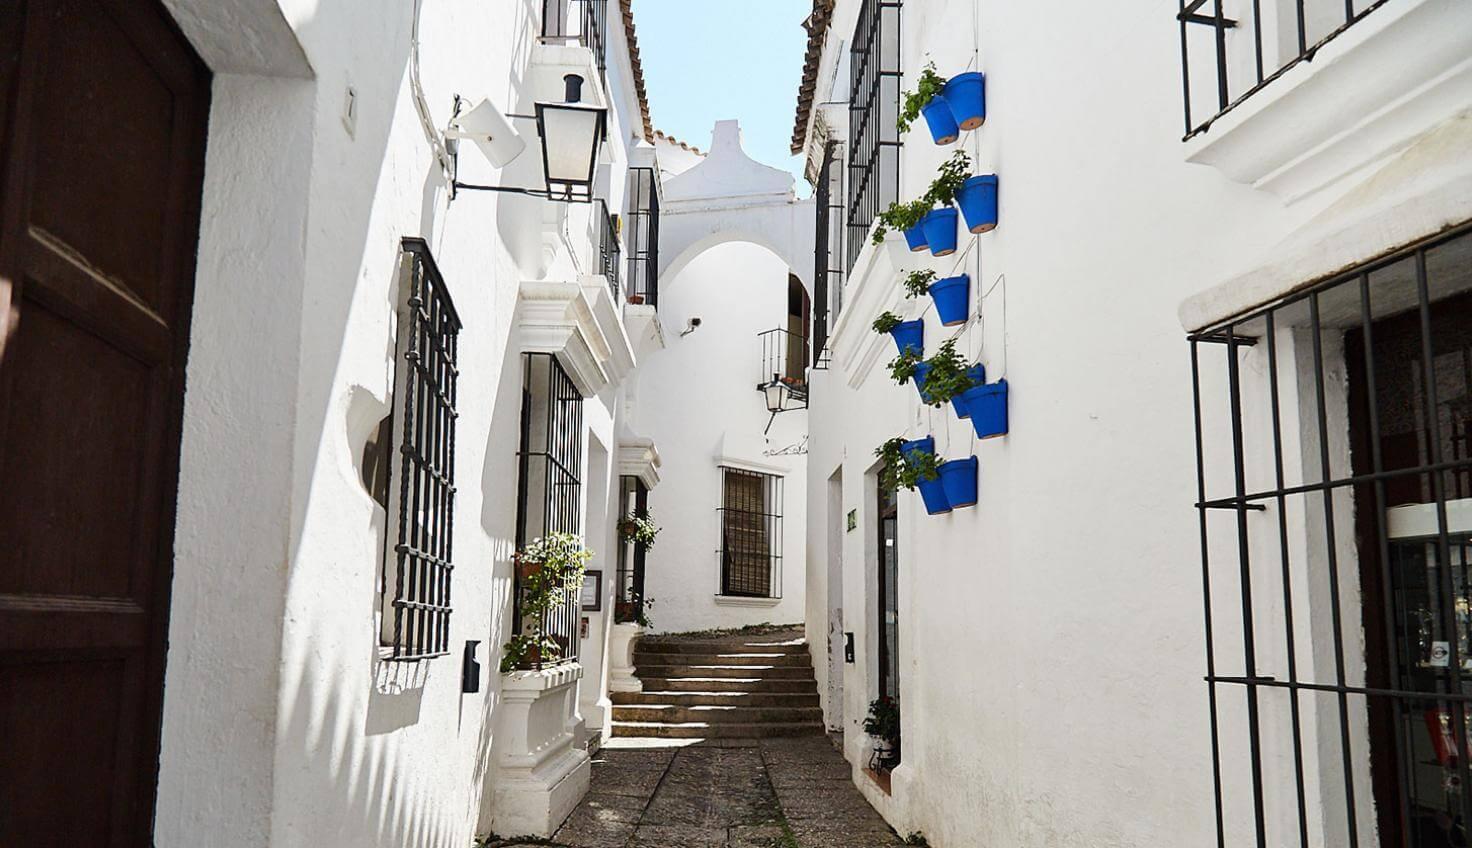 Casas típicas en el Poble Espanyol